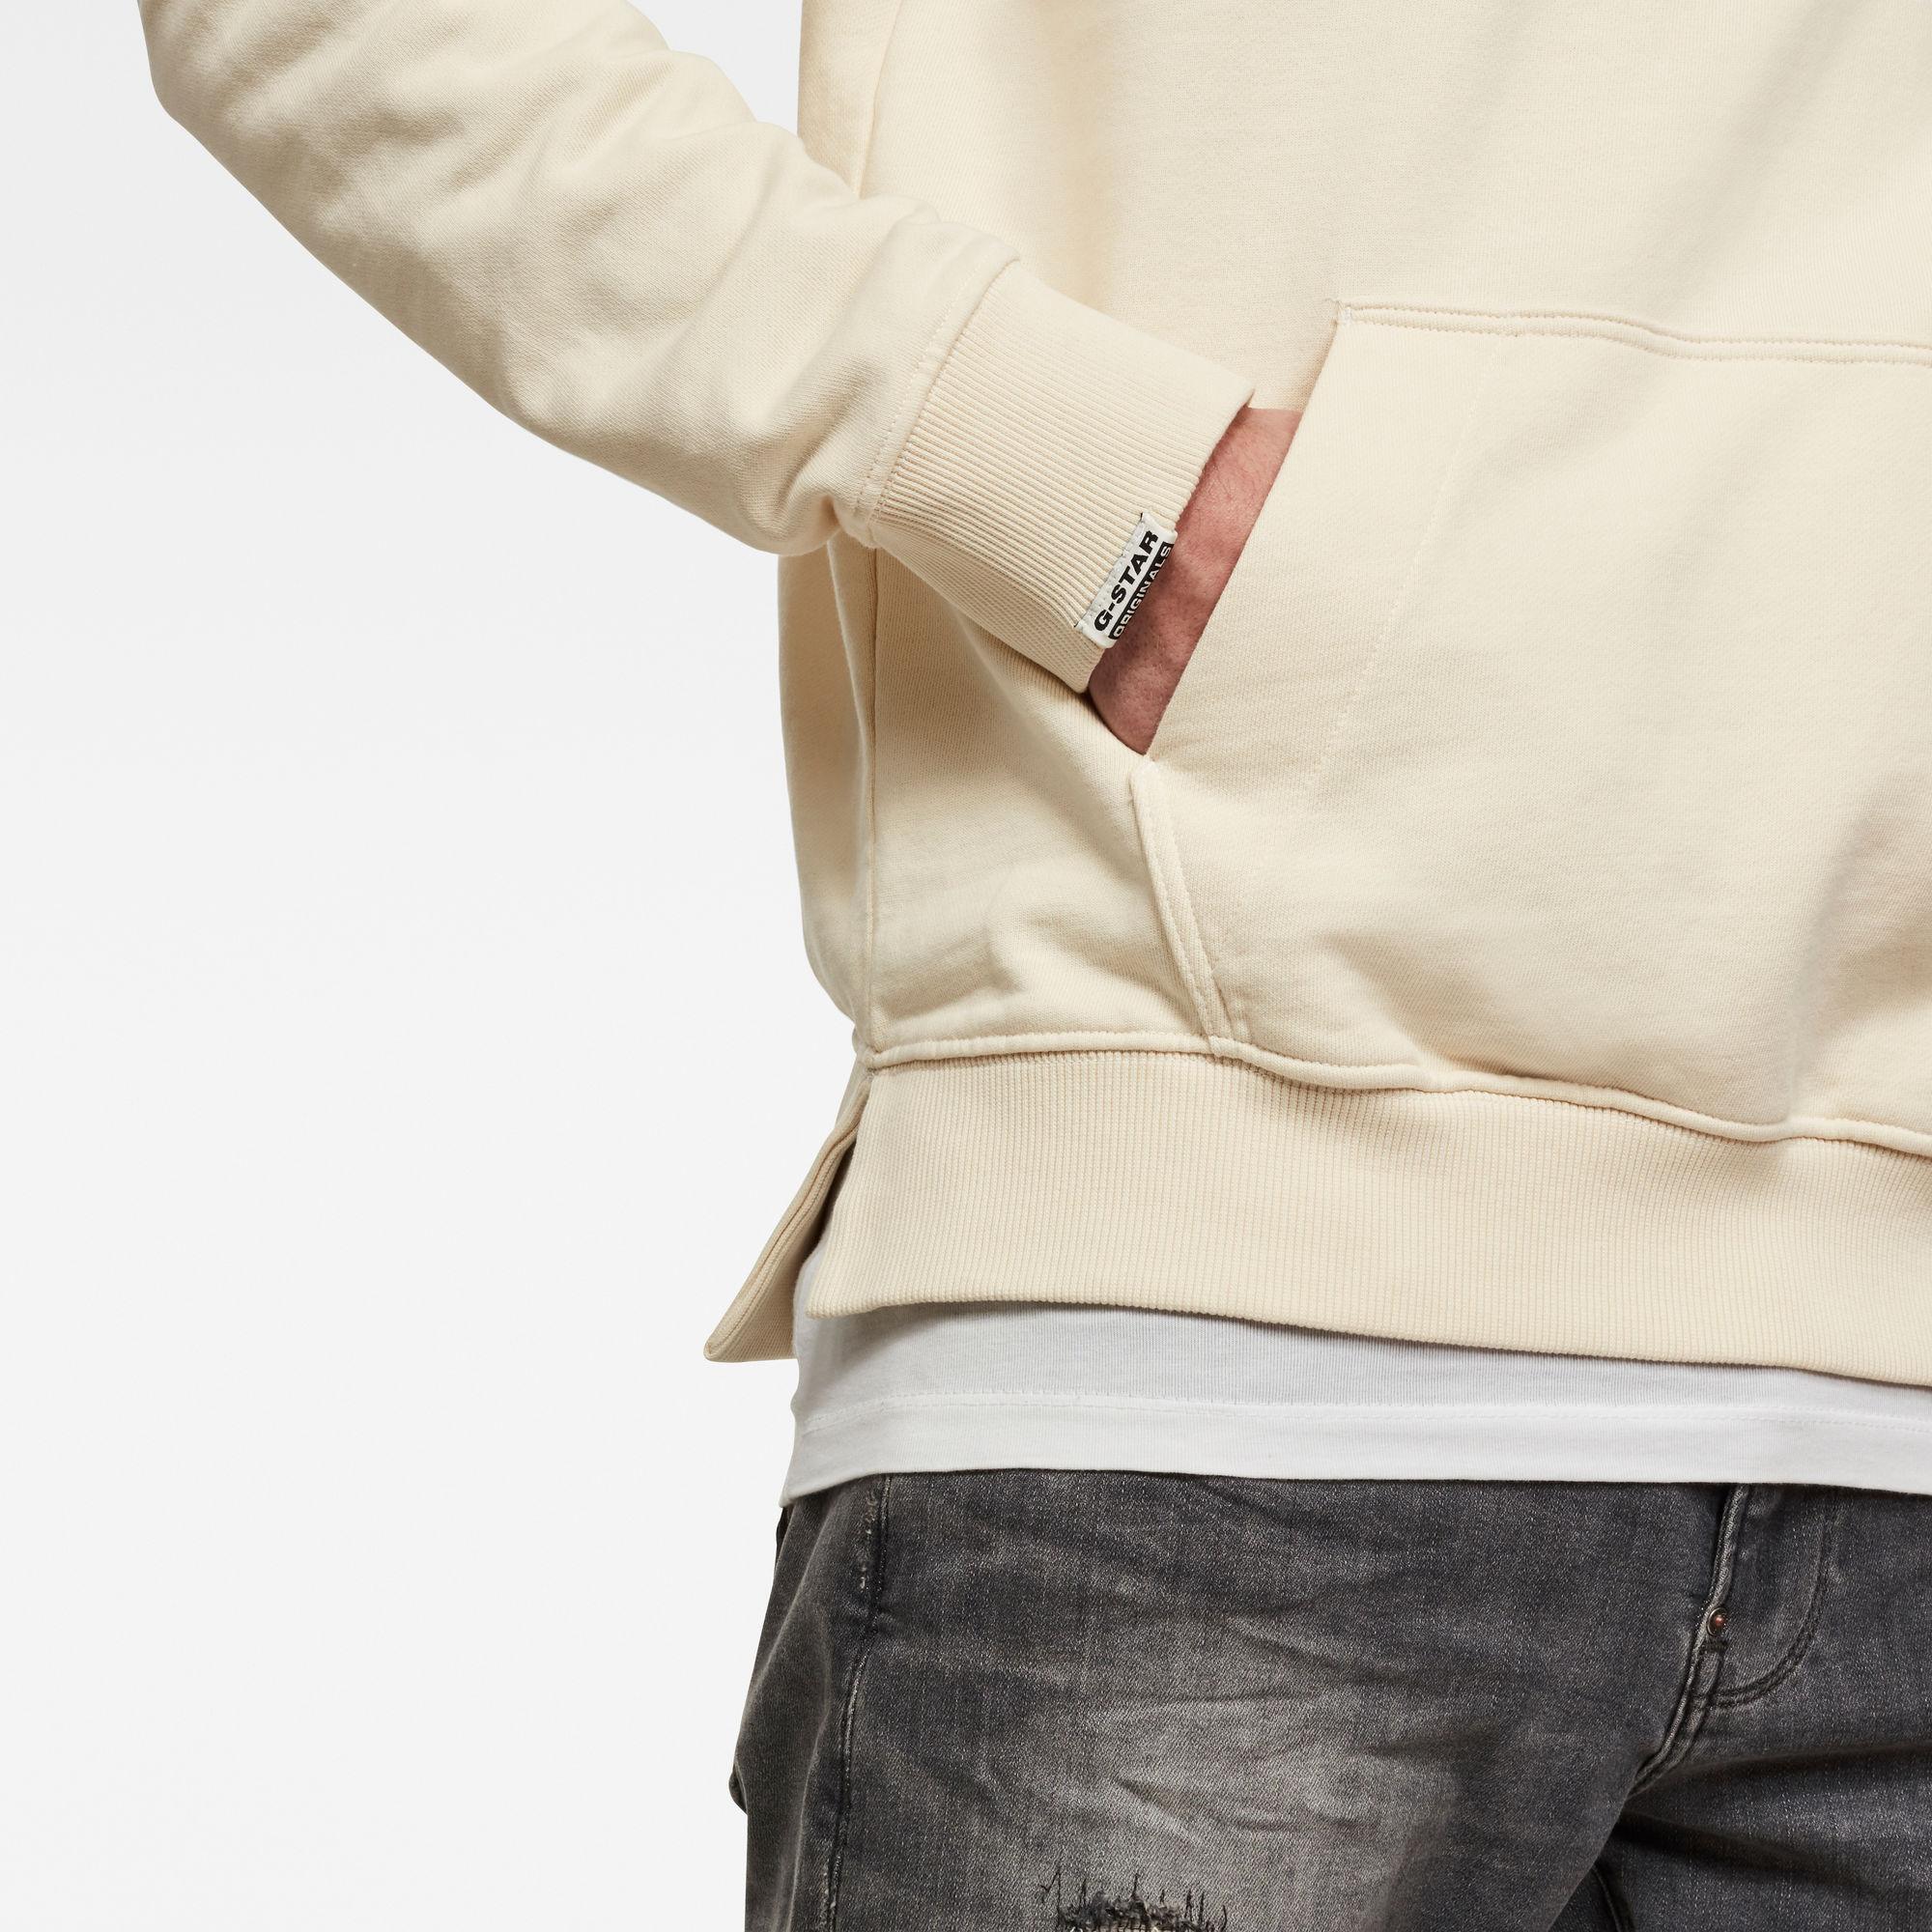 G Star RAW Dip Dye Sweater